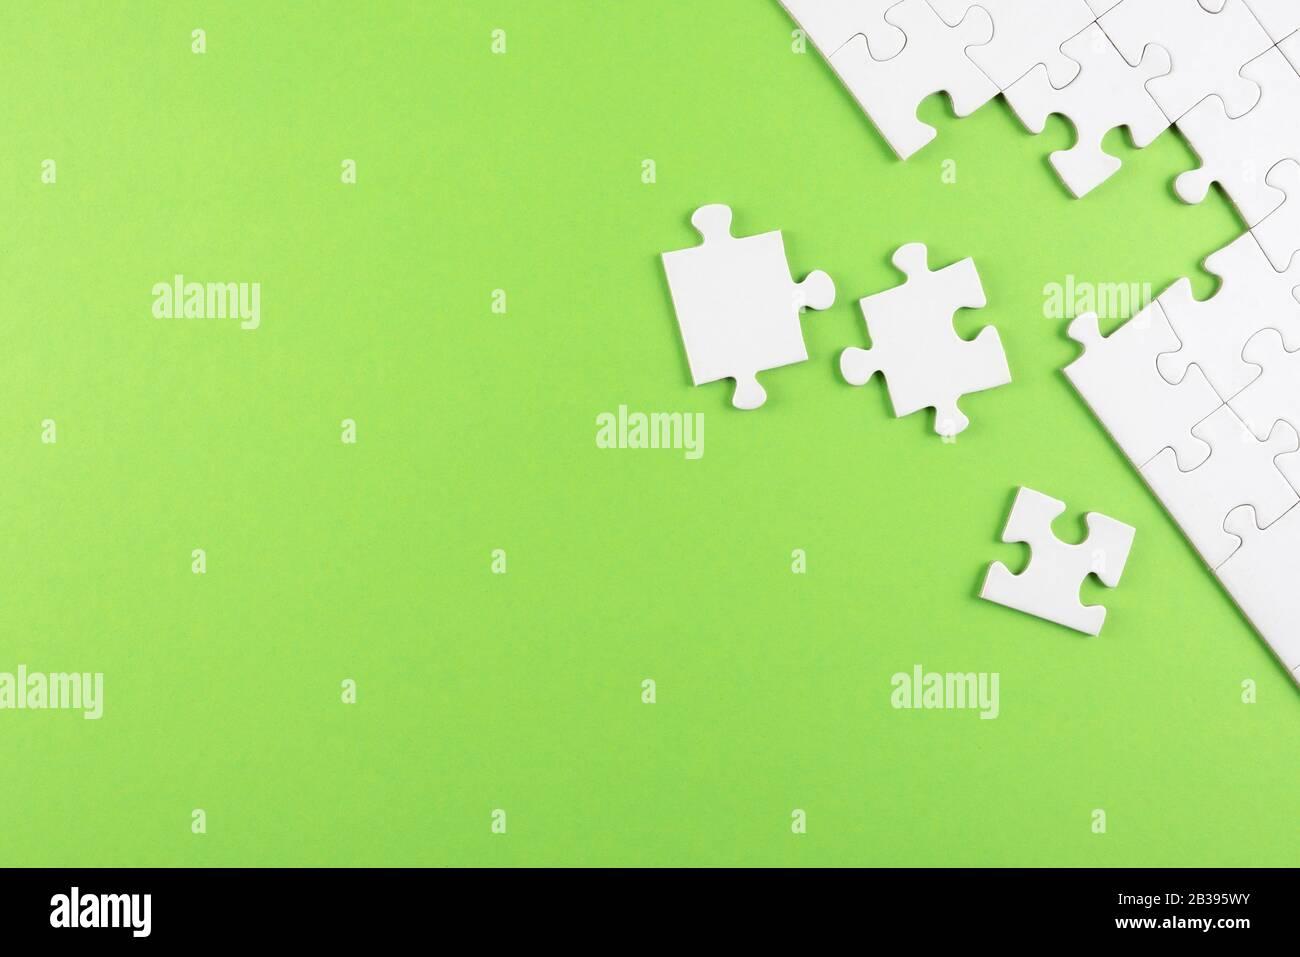 vista superior del rompecabezas blanco sin terminar sobre fondo verde, completando una tarea o resolviendo un concepto de problema Foto de stock